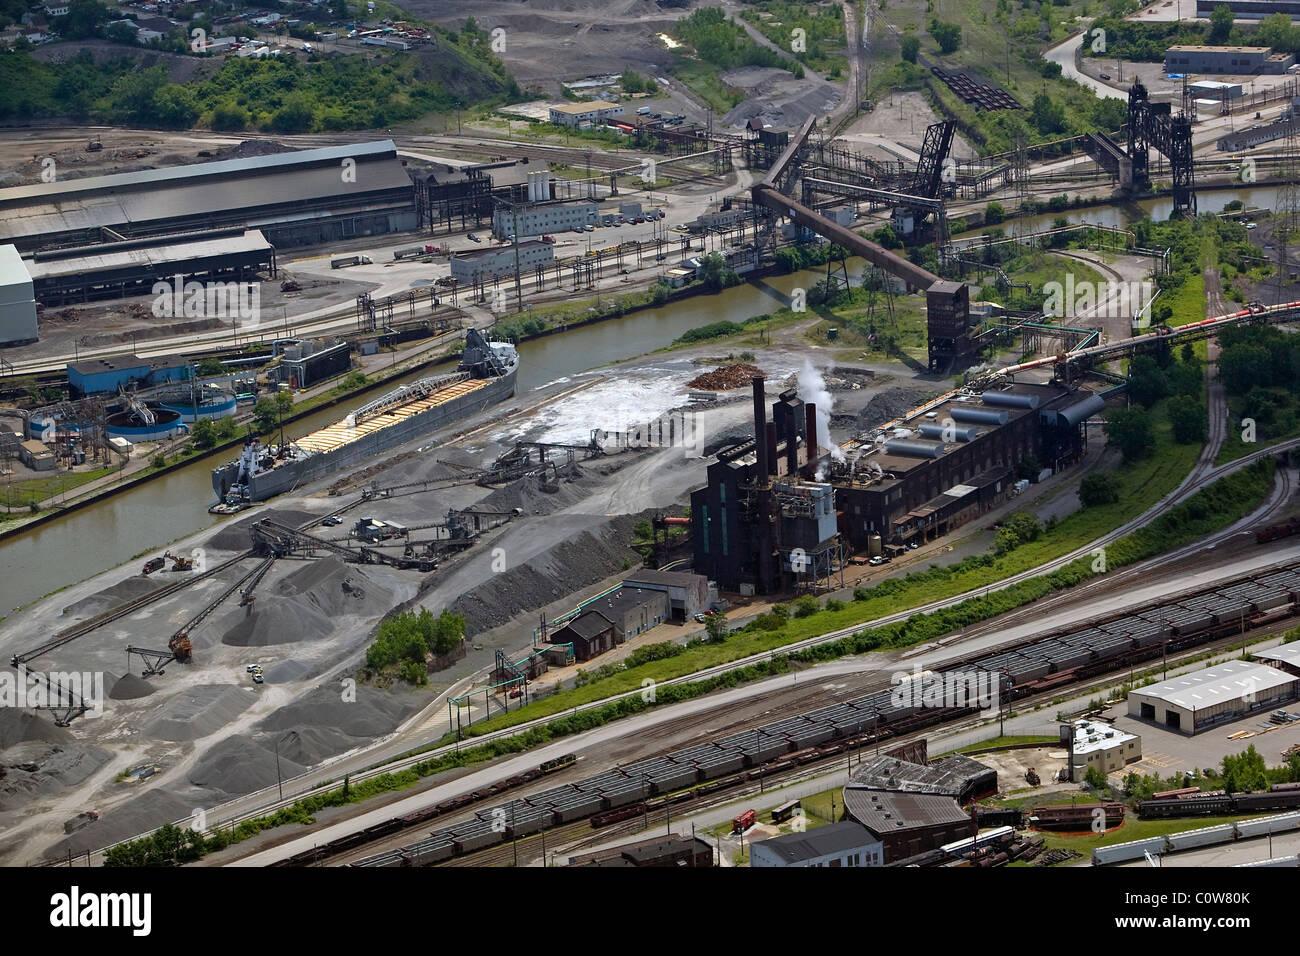 Vista aérea de la zona industrial de acero encima del río Cuyahoga en Cleveland Ohio Imagen De Stock